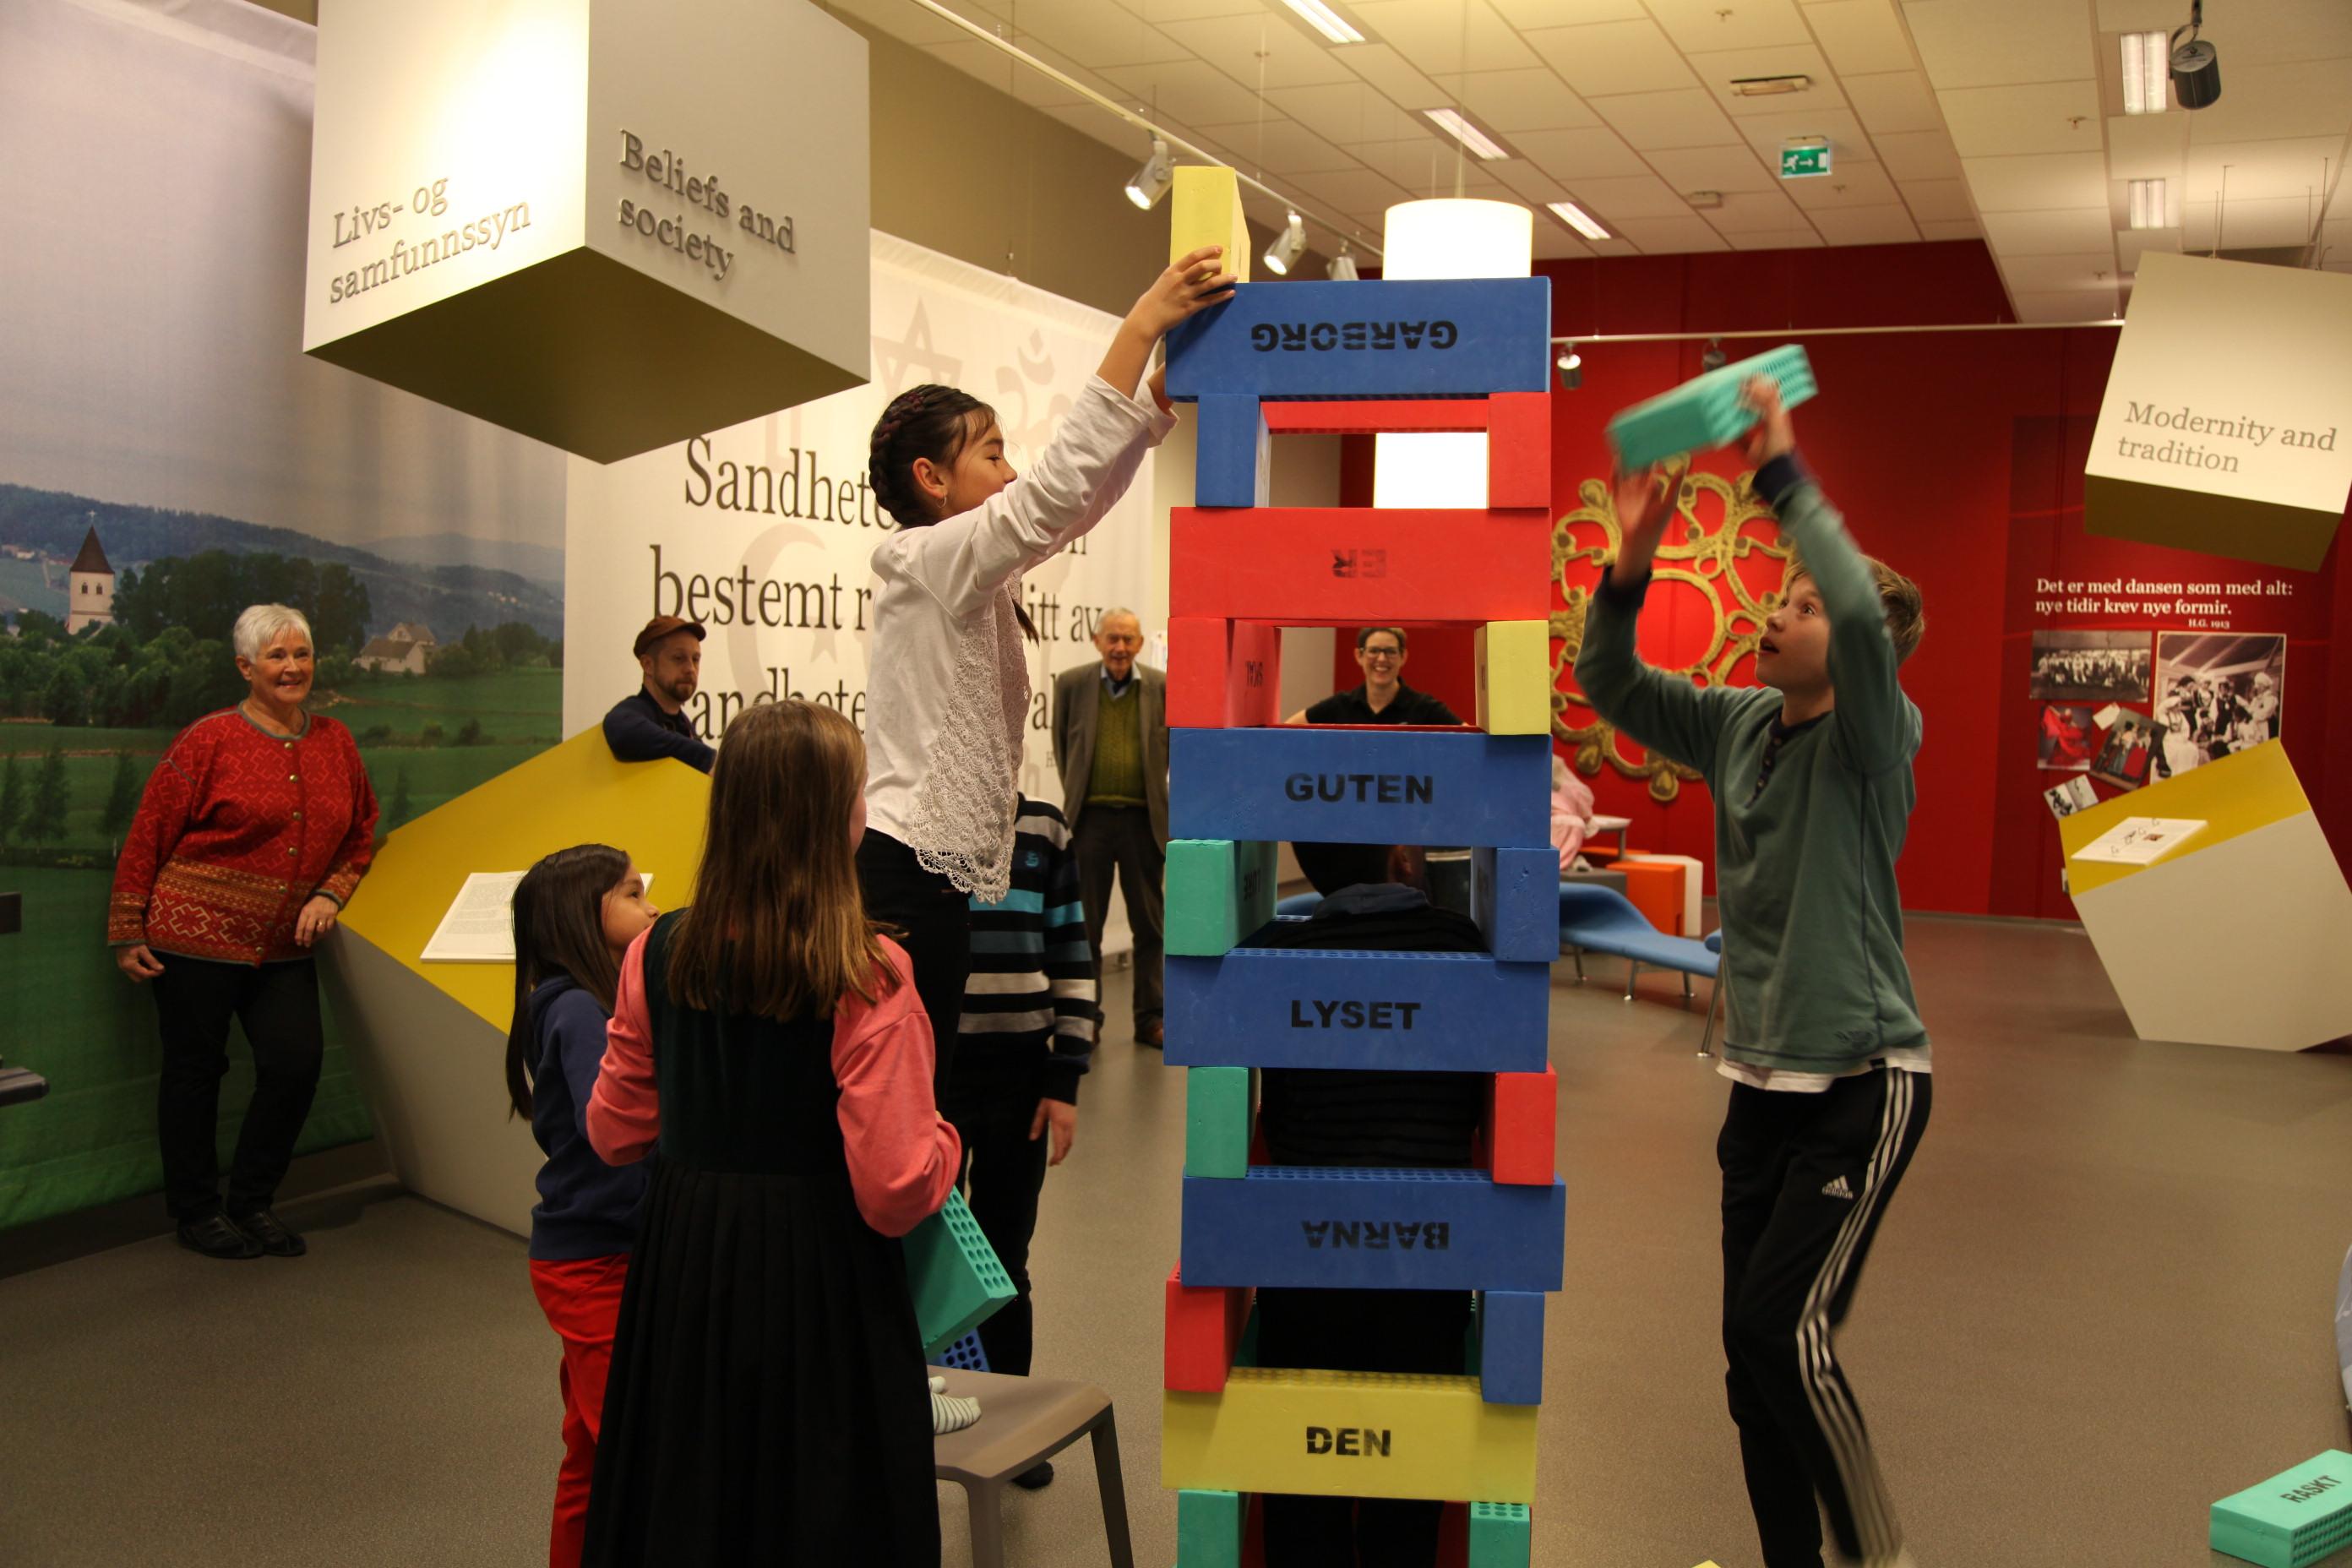 På Garborgsenteret kan du feira bursdag og la barna utforska utstillingane,.